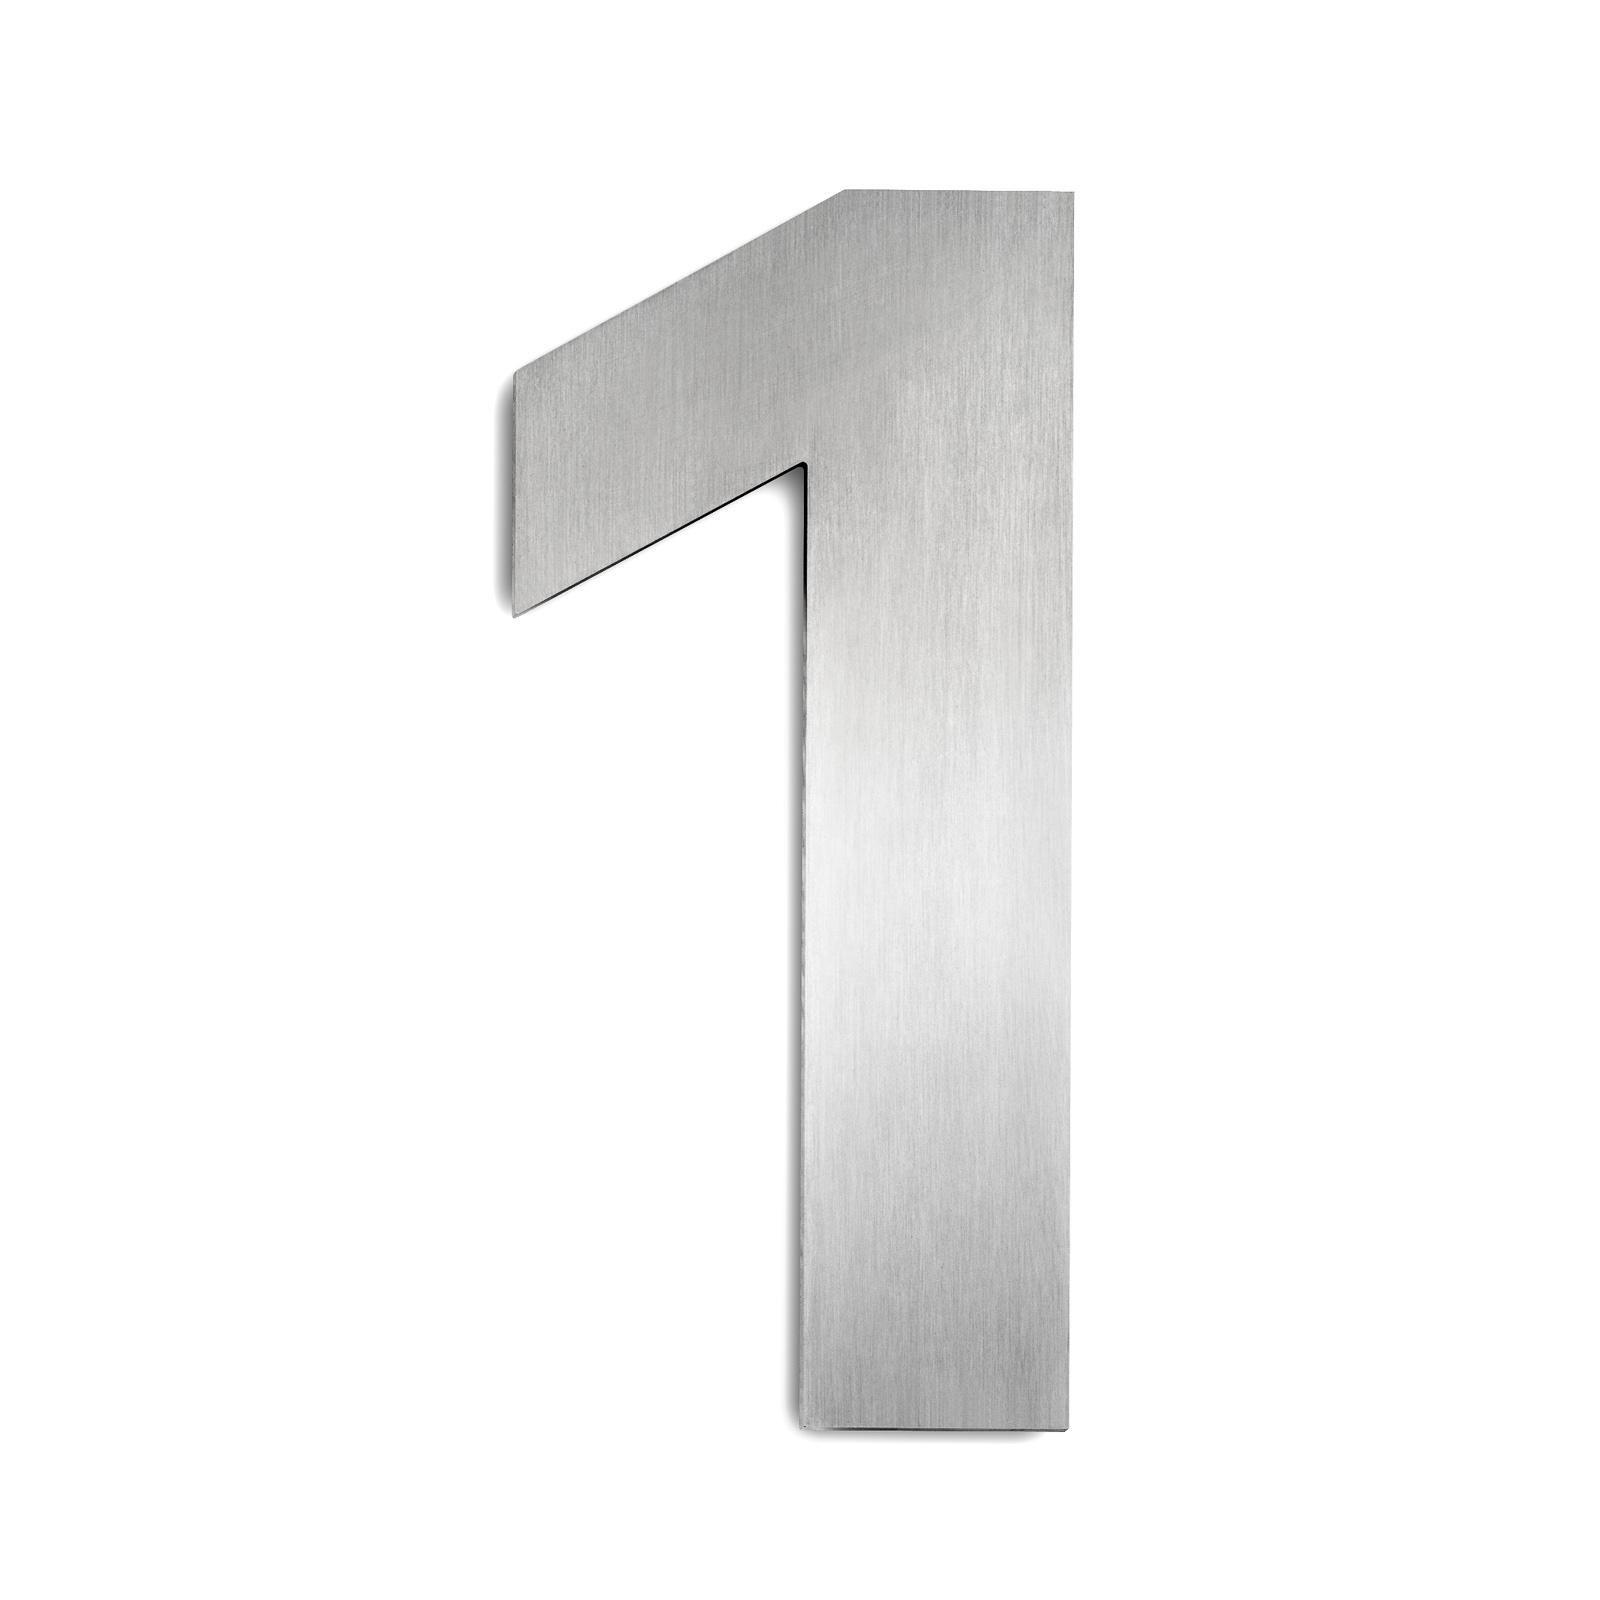 Números de casa de acero inox. tamaño 1